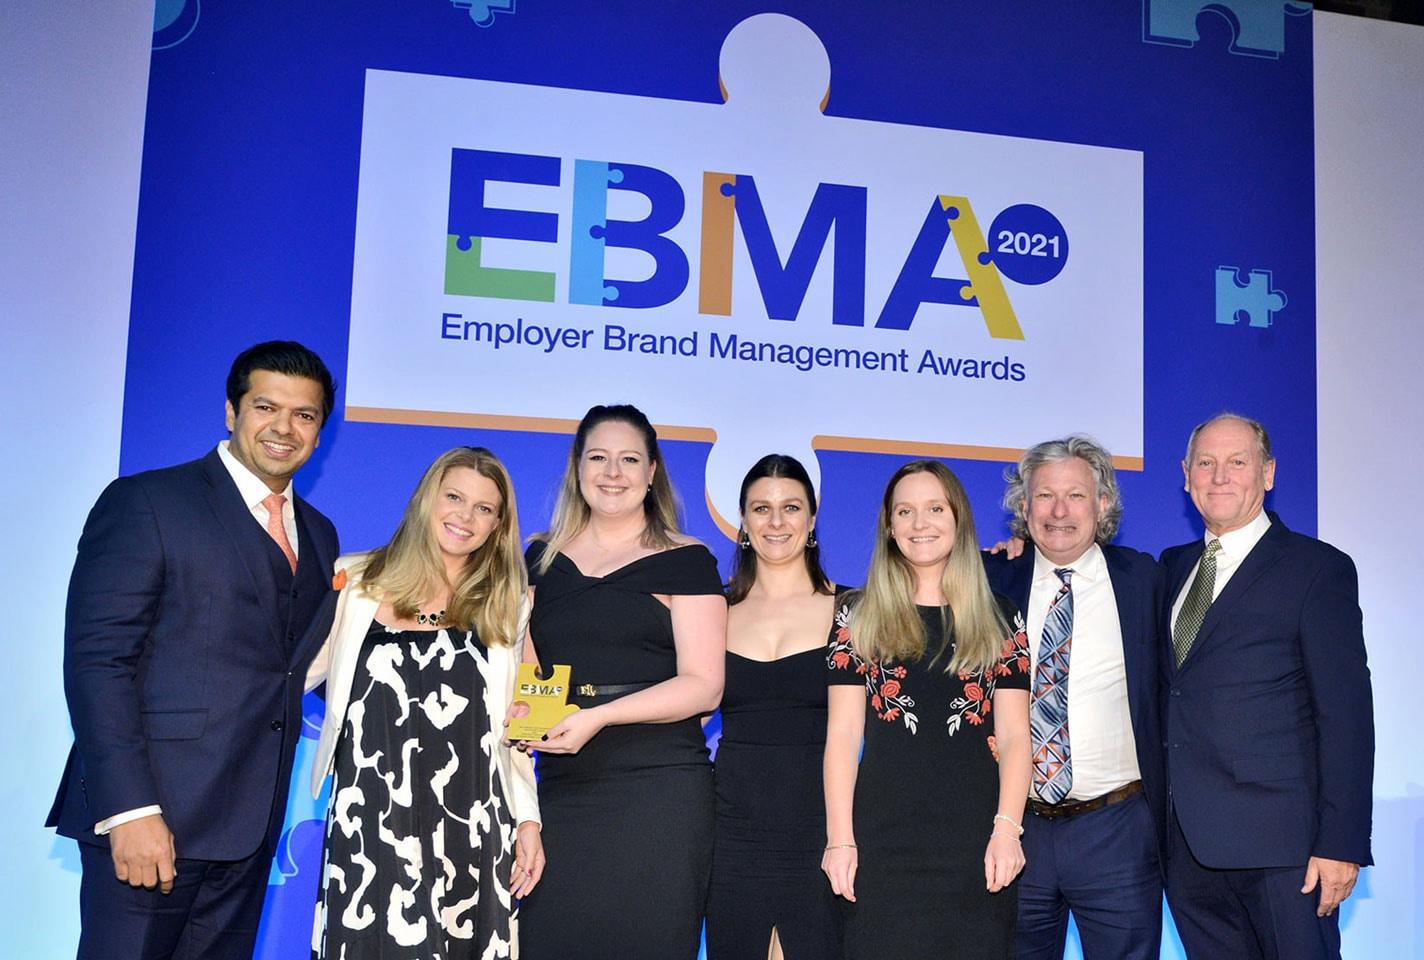 PMI team collecting award at EBMA Awards